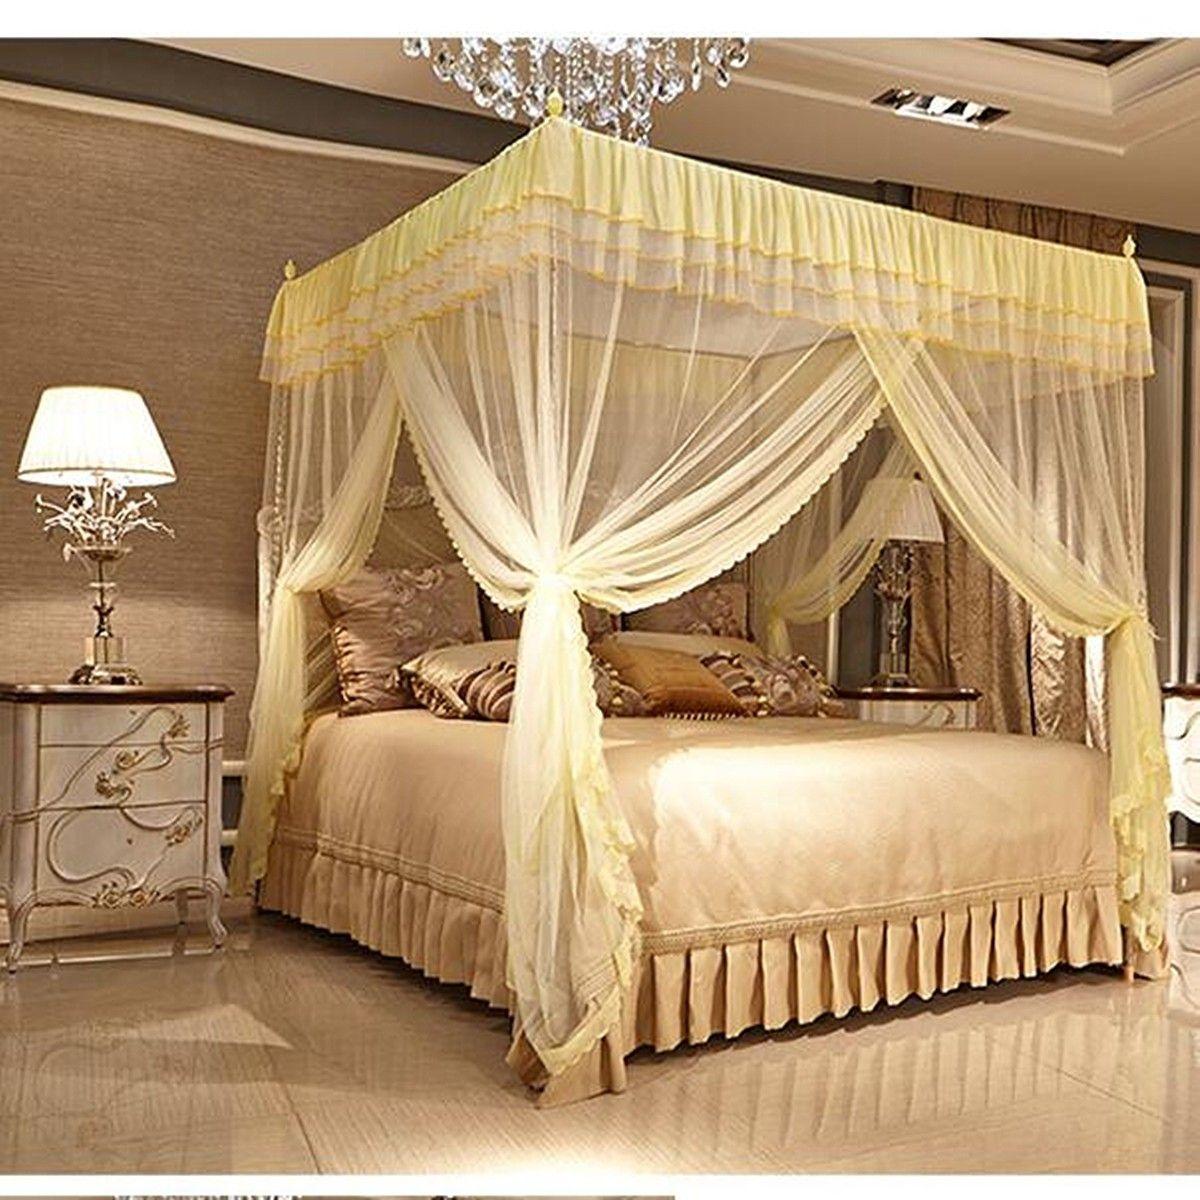 Vorhänge · Betten · Bettwäsche · 1.cortina De 5x2m Cuadrados Mosquito Anti  Ropa De Cama Neta De Tres Puertas Abiertas